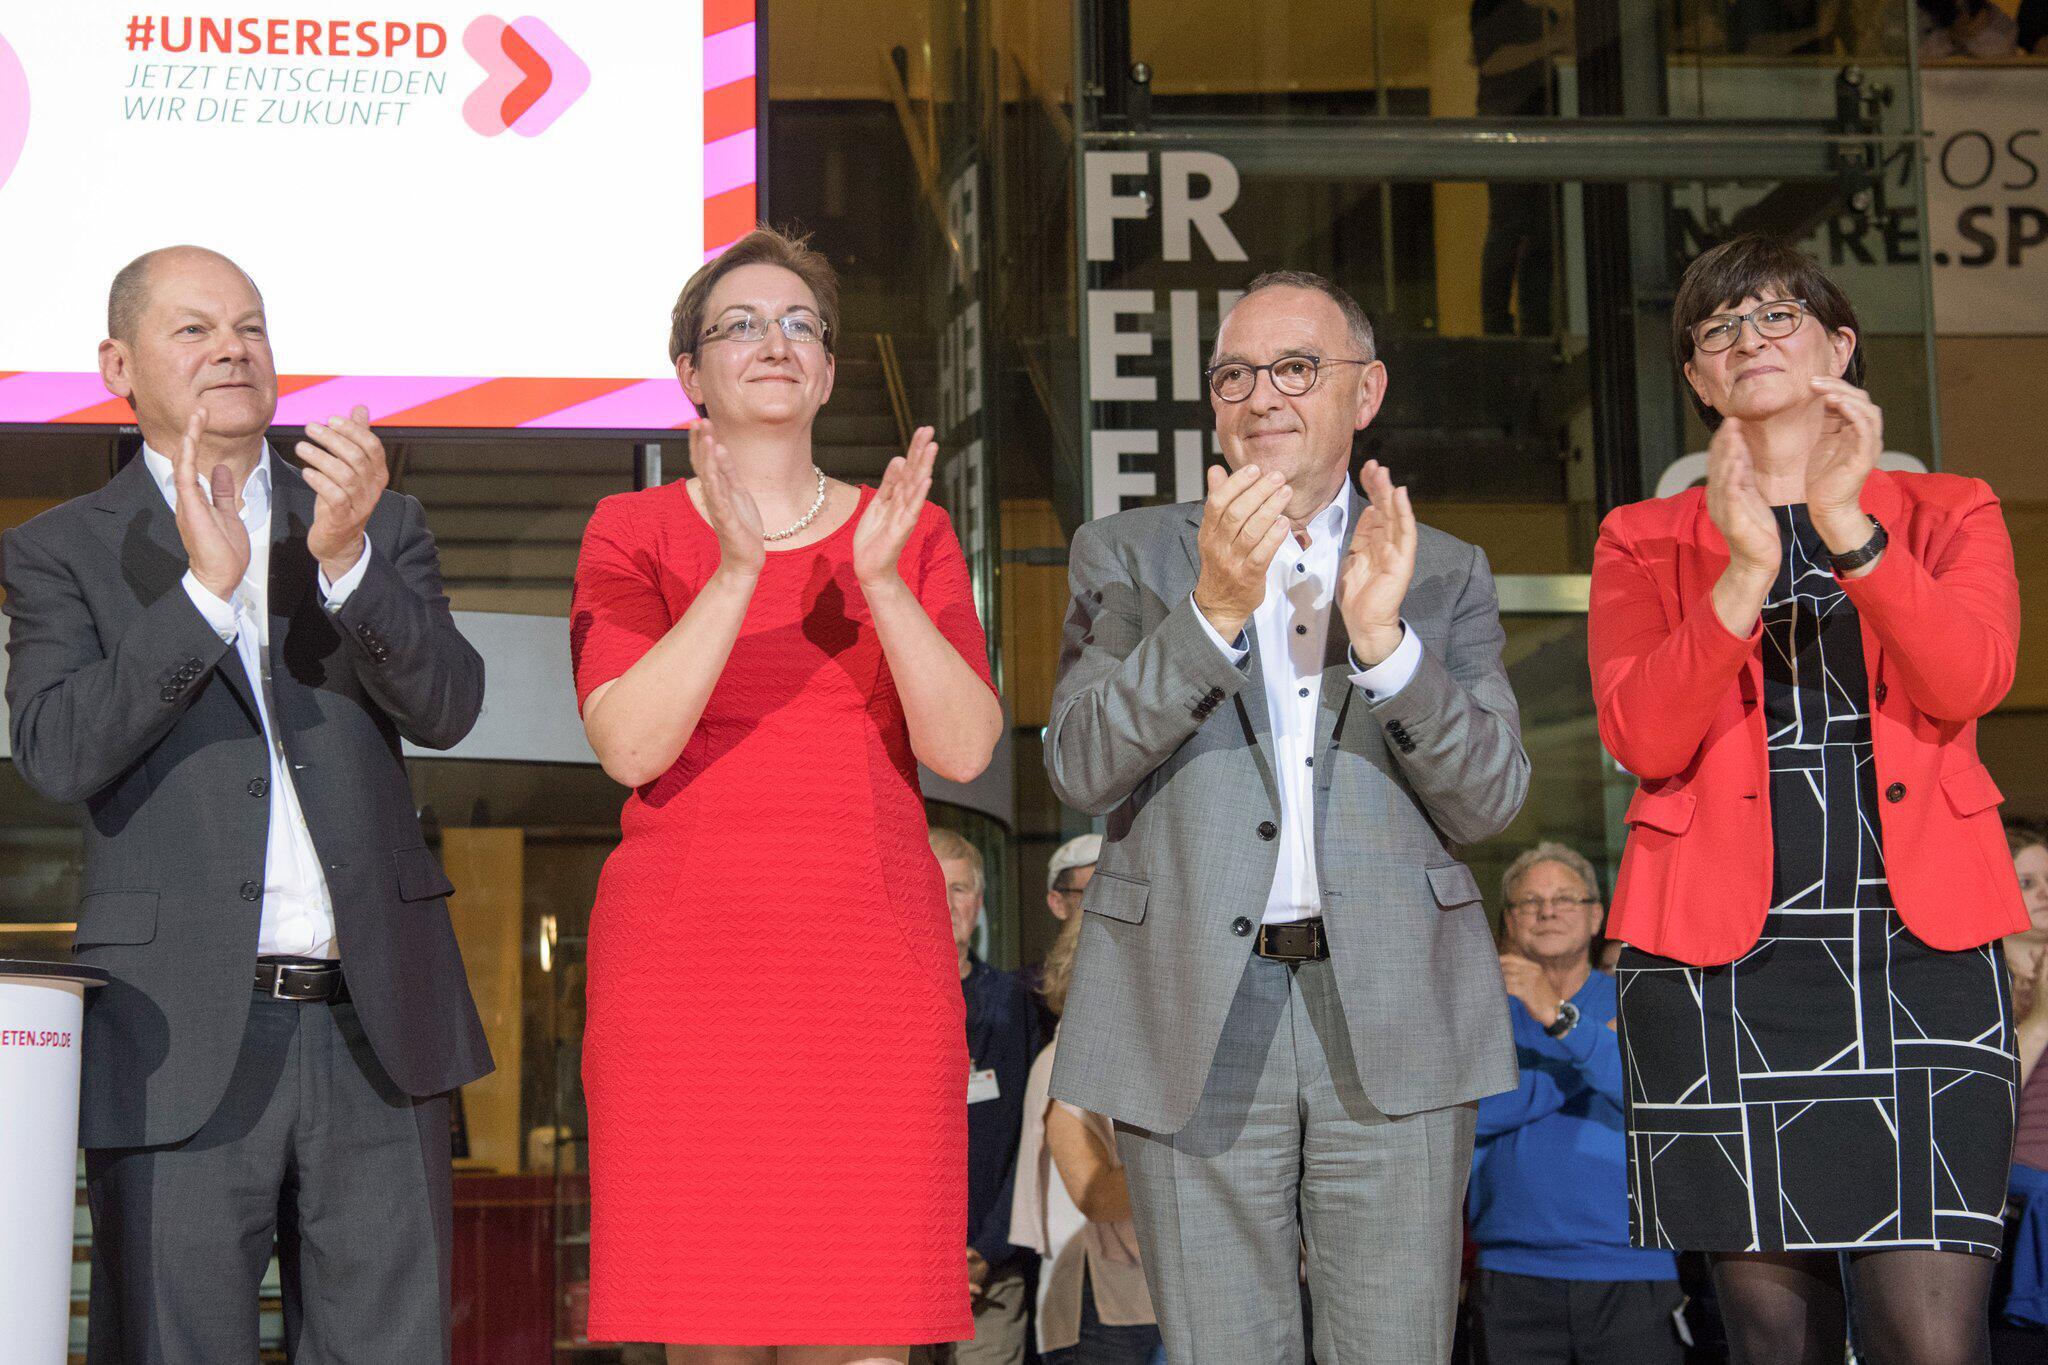 Bild zu Ergebnis des SPD-Mitgliedervotums wird verkündet